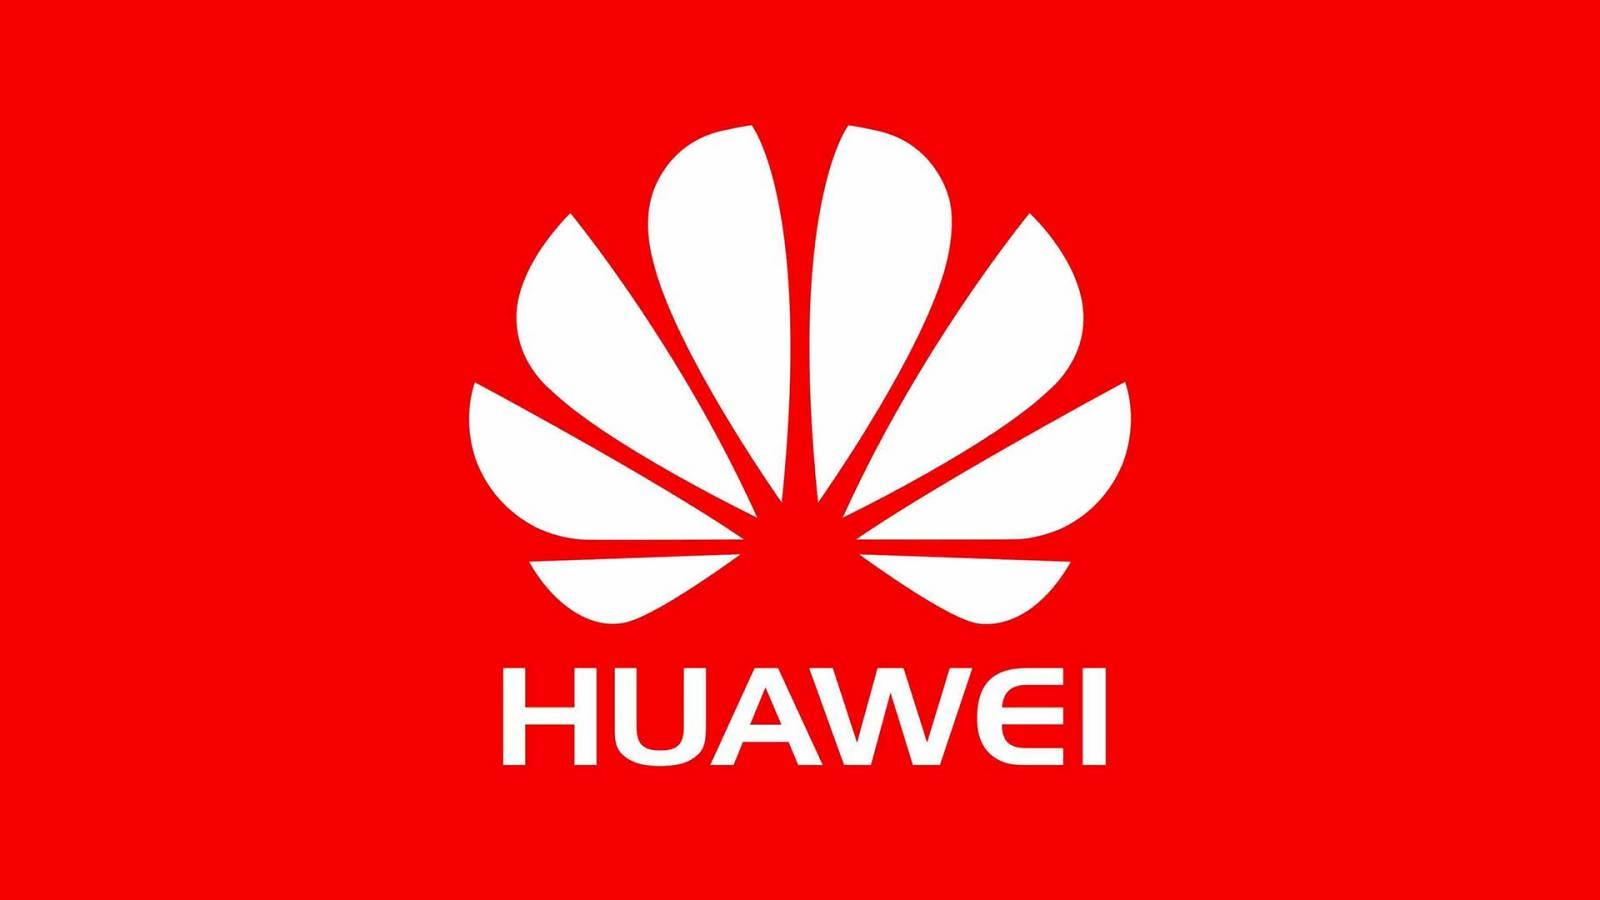 Huawei drama